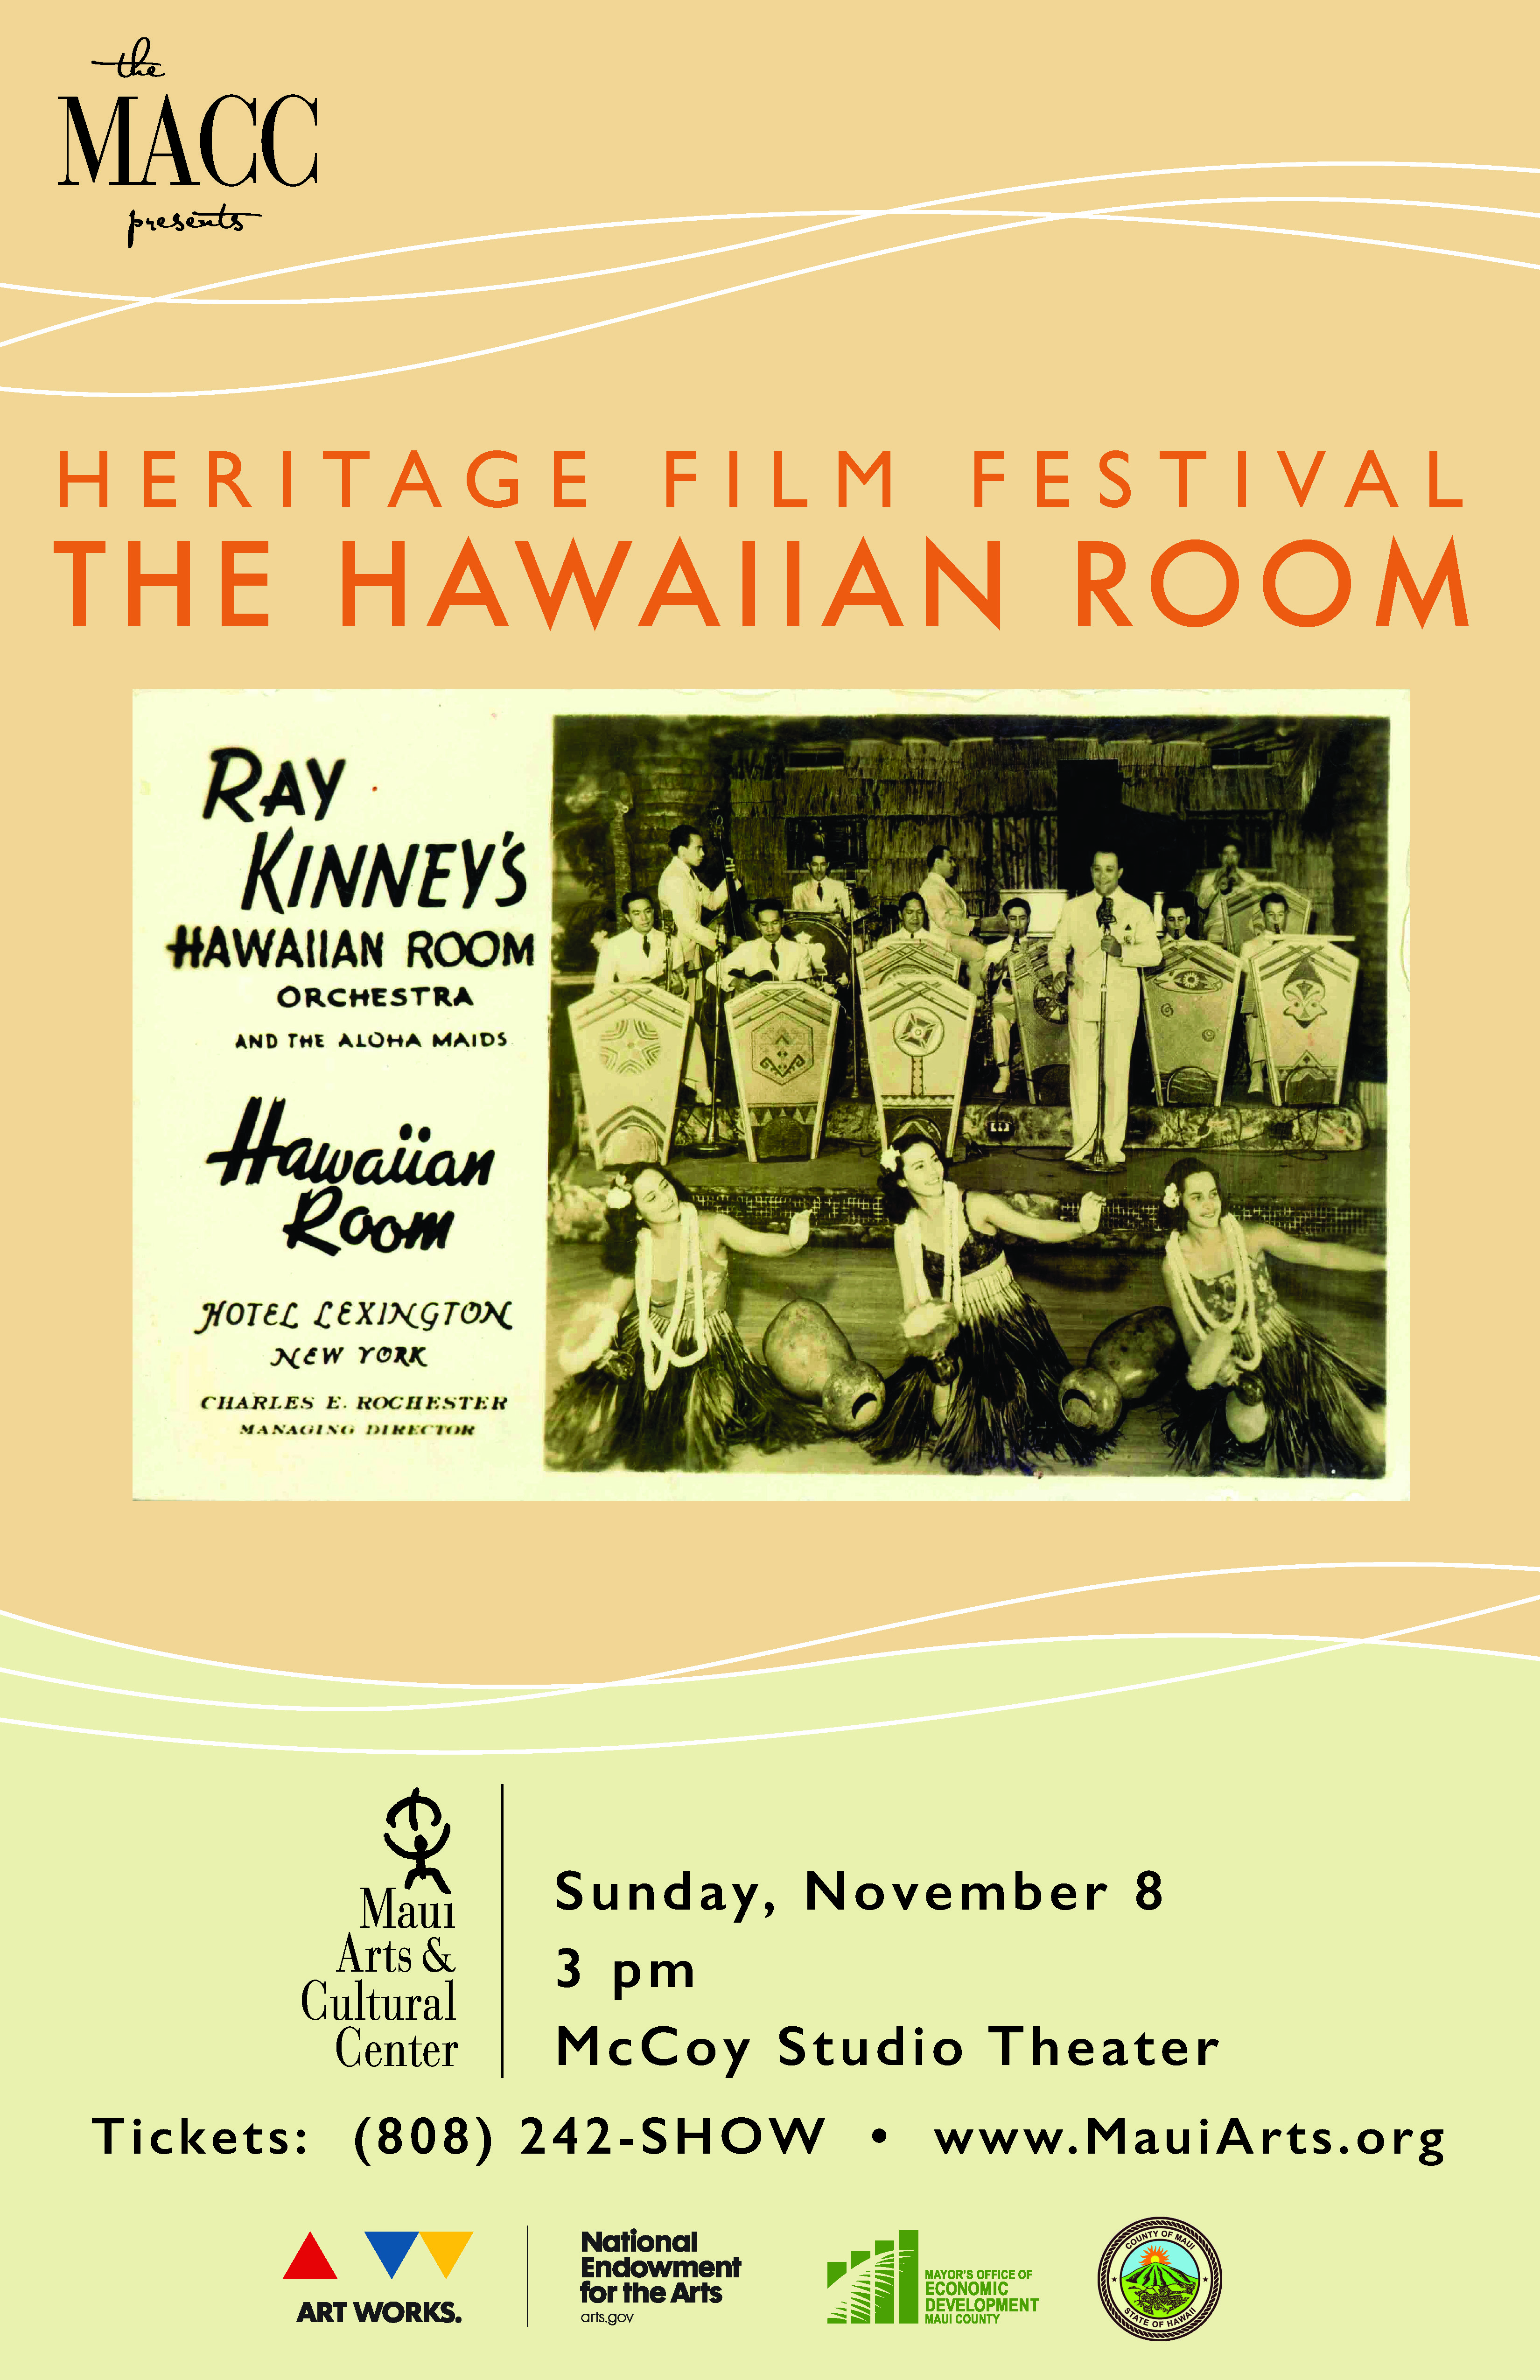 The Hawaiian Room poster, courtesy of The MACC.